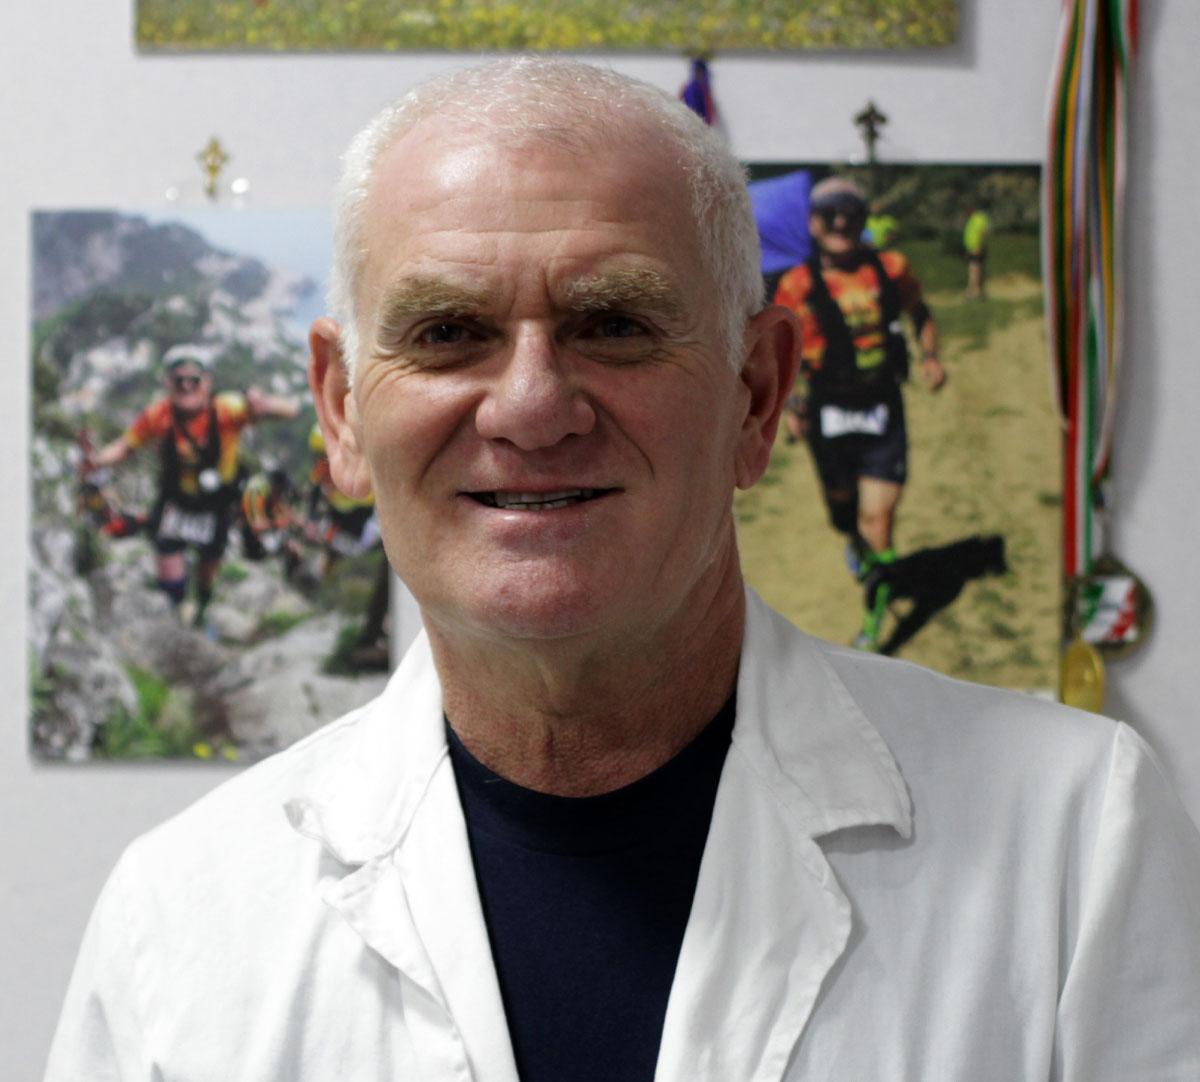 Dottore Giuseppe Miranda | Centro Medico Miranda